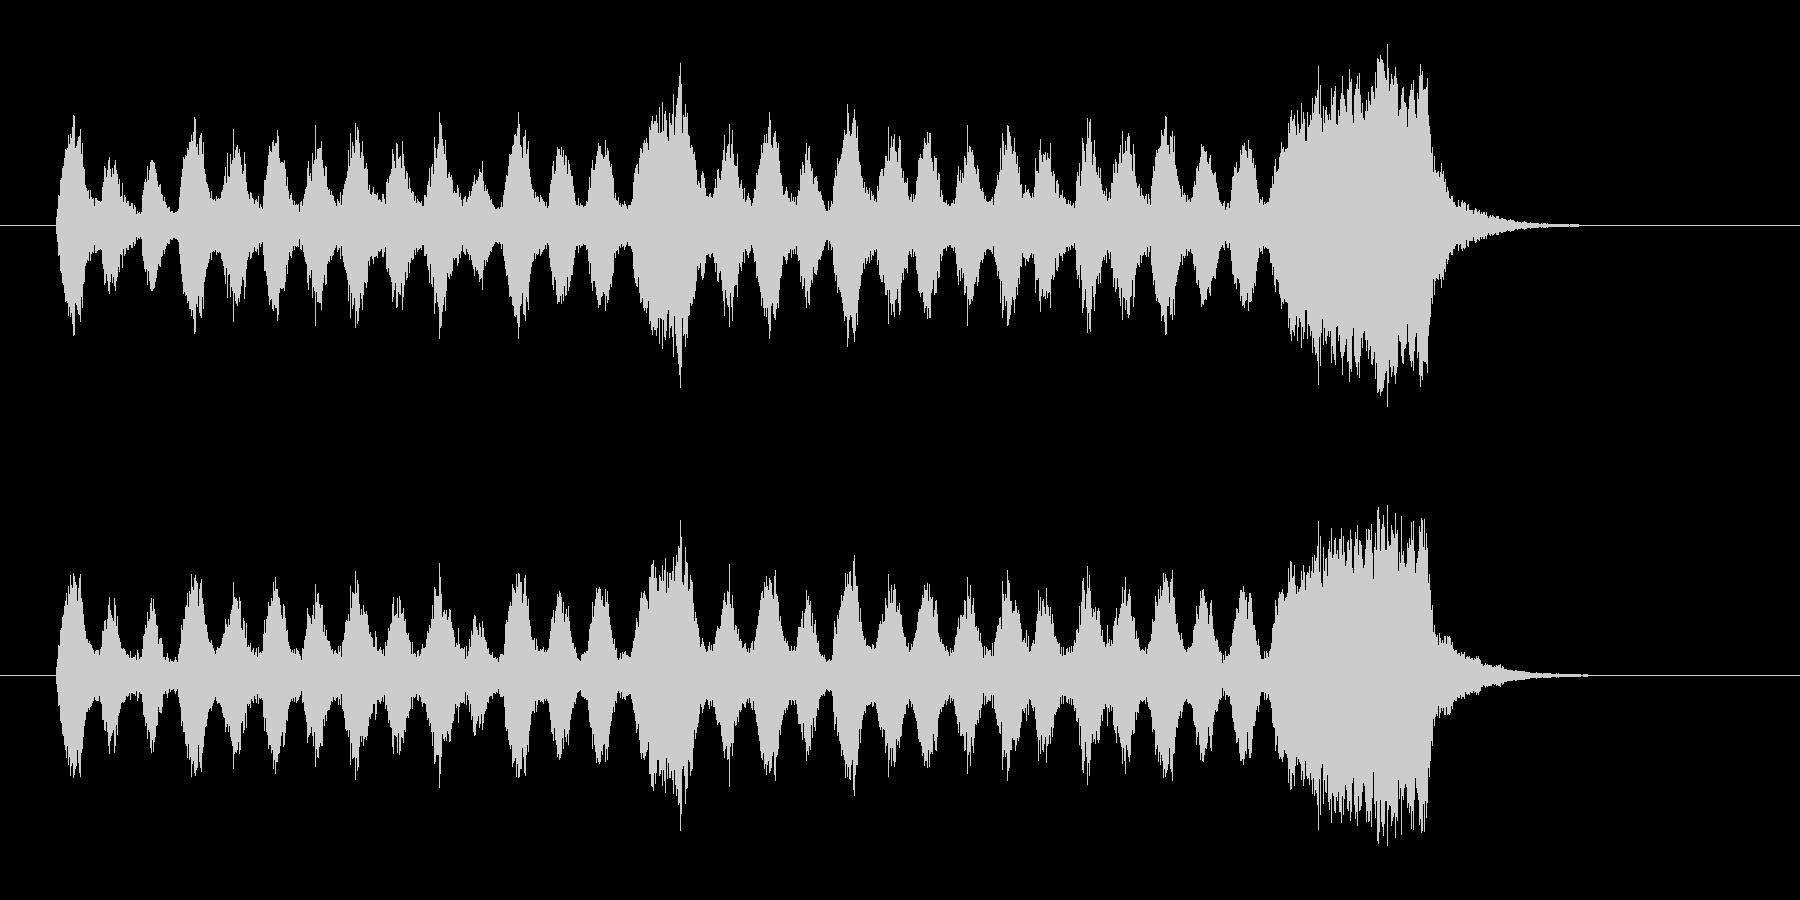 ロシア民謡っぽい着信音の未再生の波形